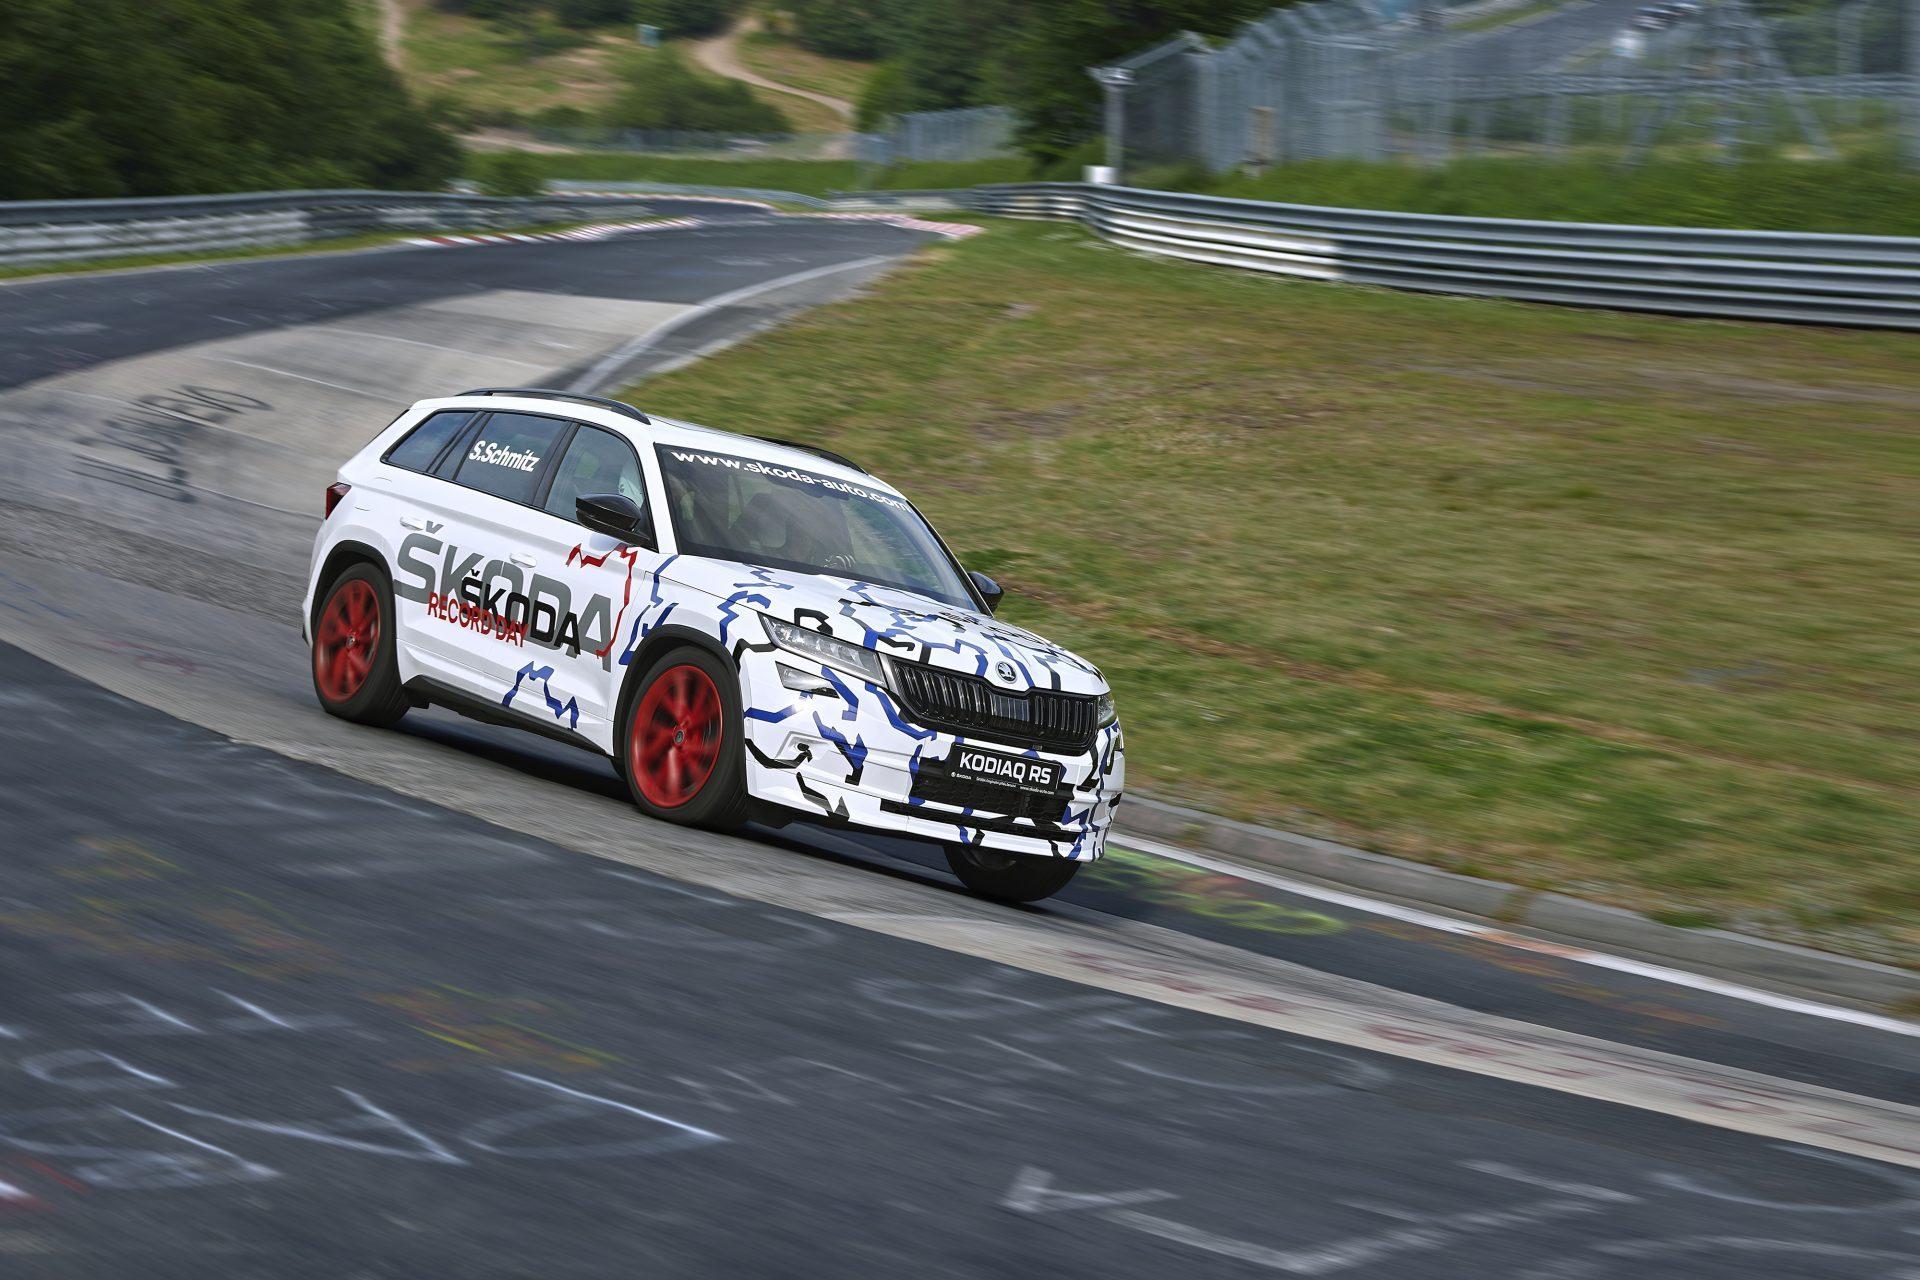 ŠKODA KODIAQ RS z rekordowym wynikiem na torze Nürburgring